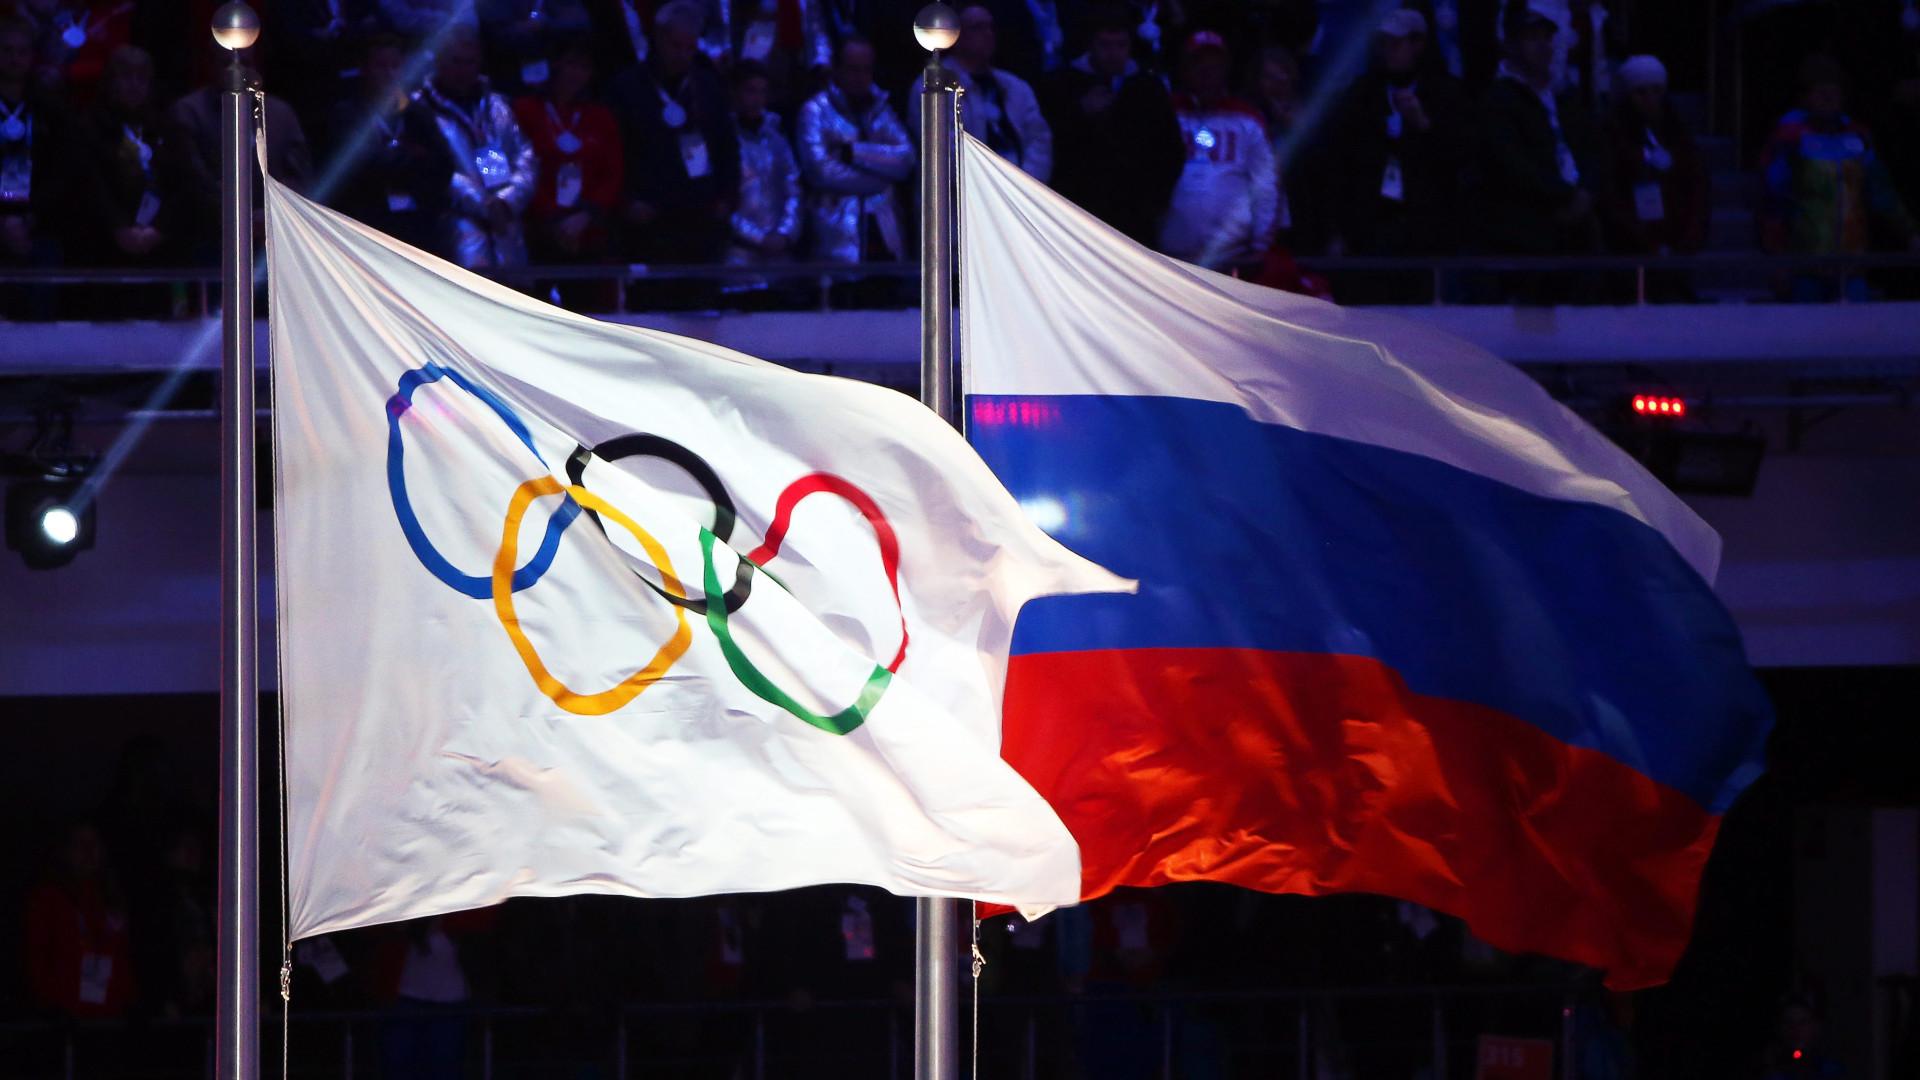 Russos medalhados e desclassificados em Sochi'2014 apresentam recurso